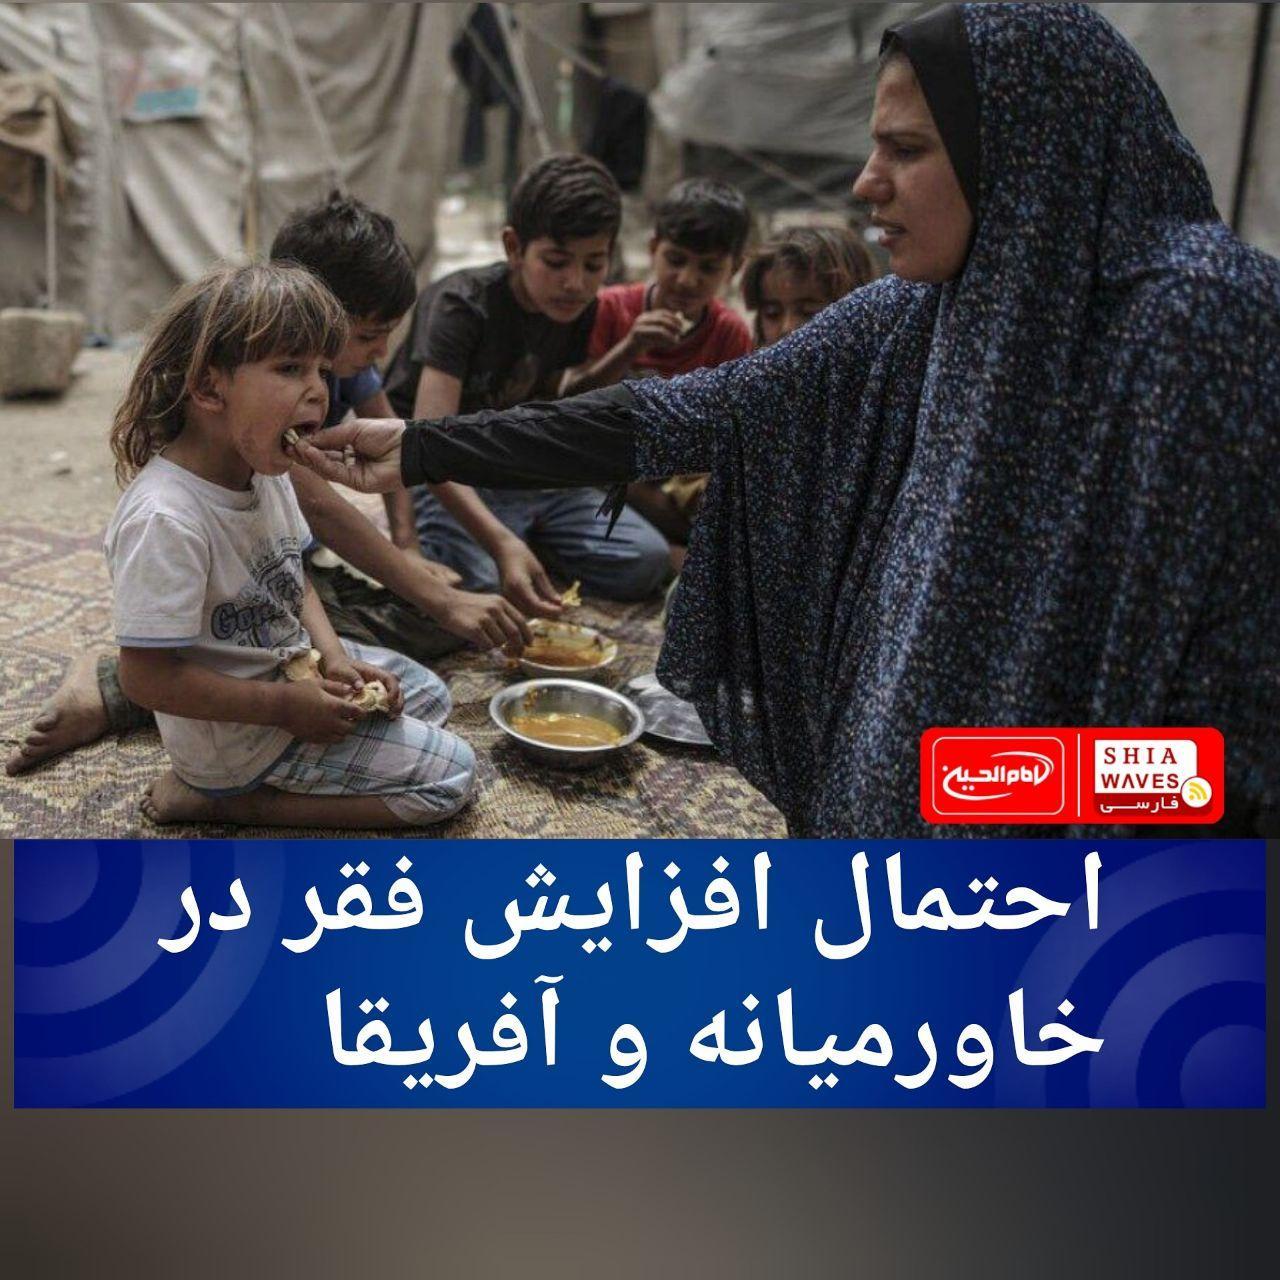 تصویر احتمال افزایش فقر در خاورمیانه و آفریقا